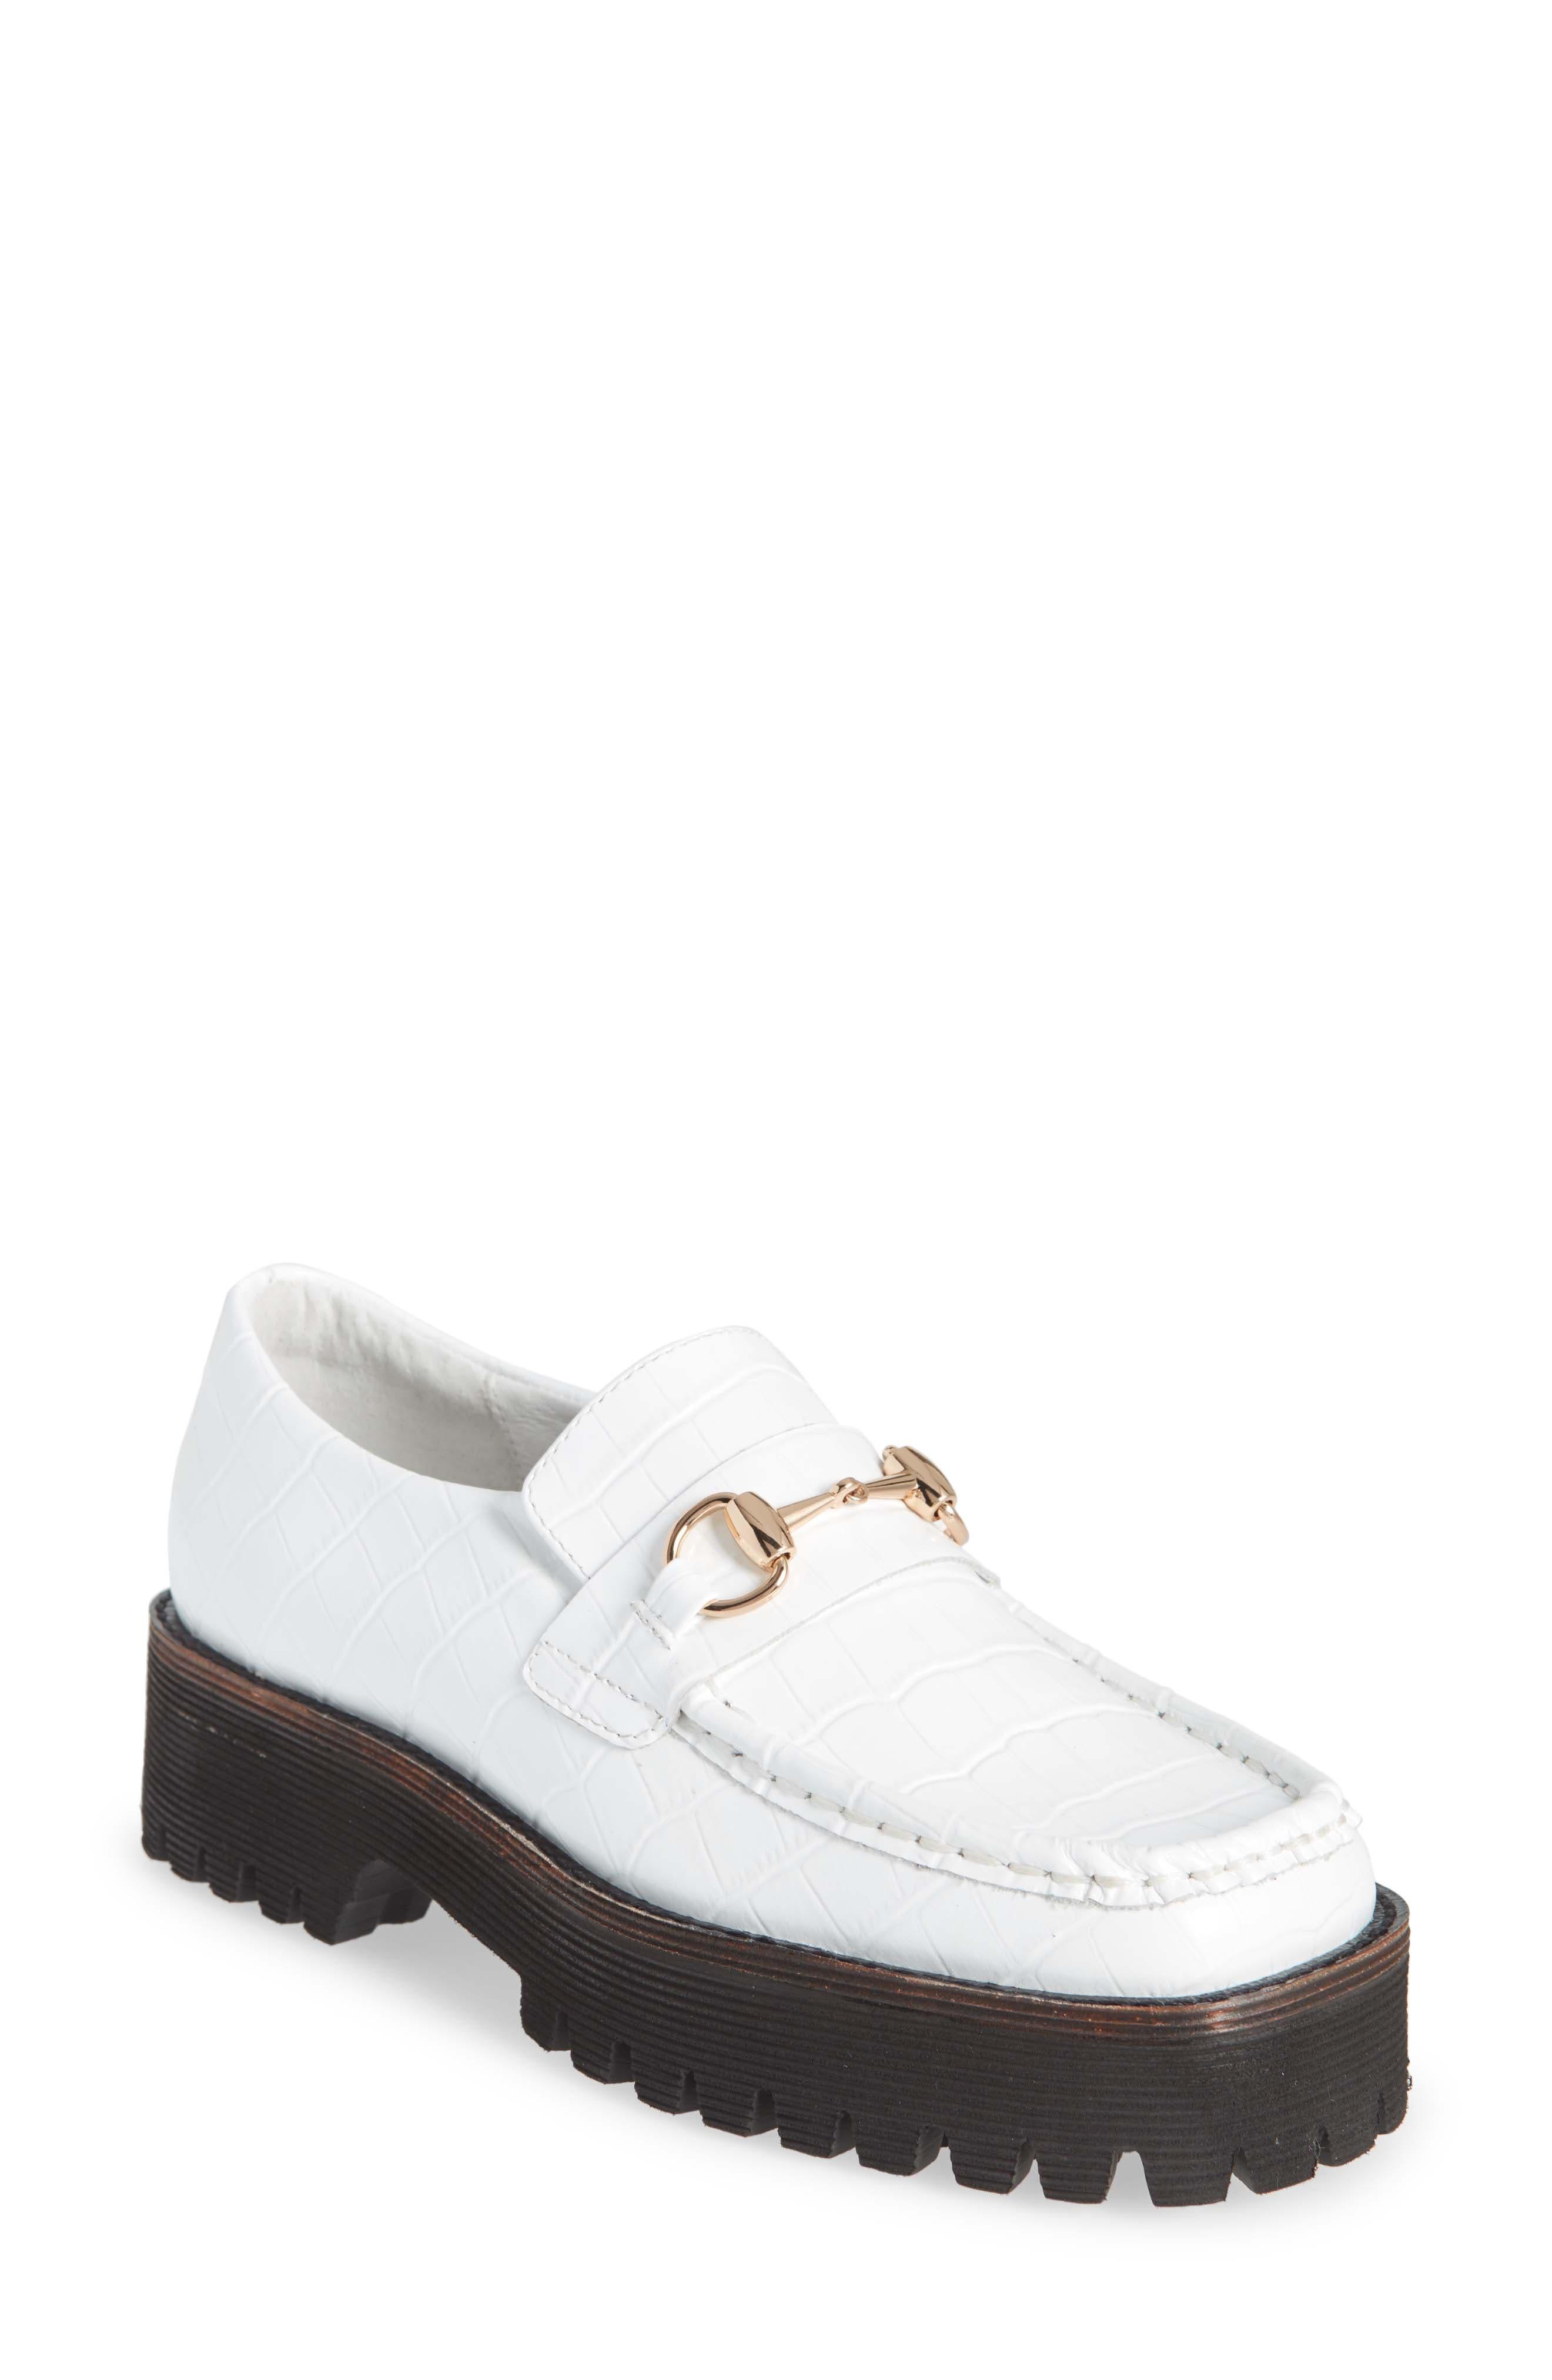 Hk2 Loafer